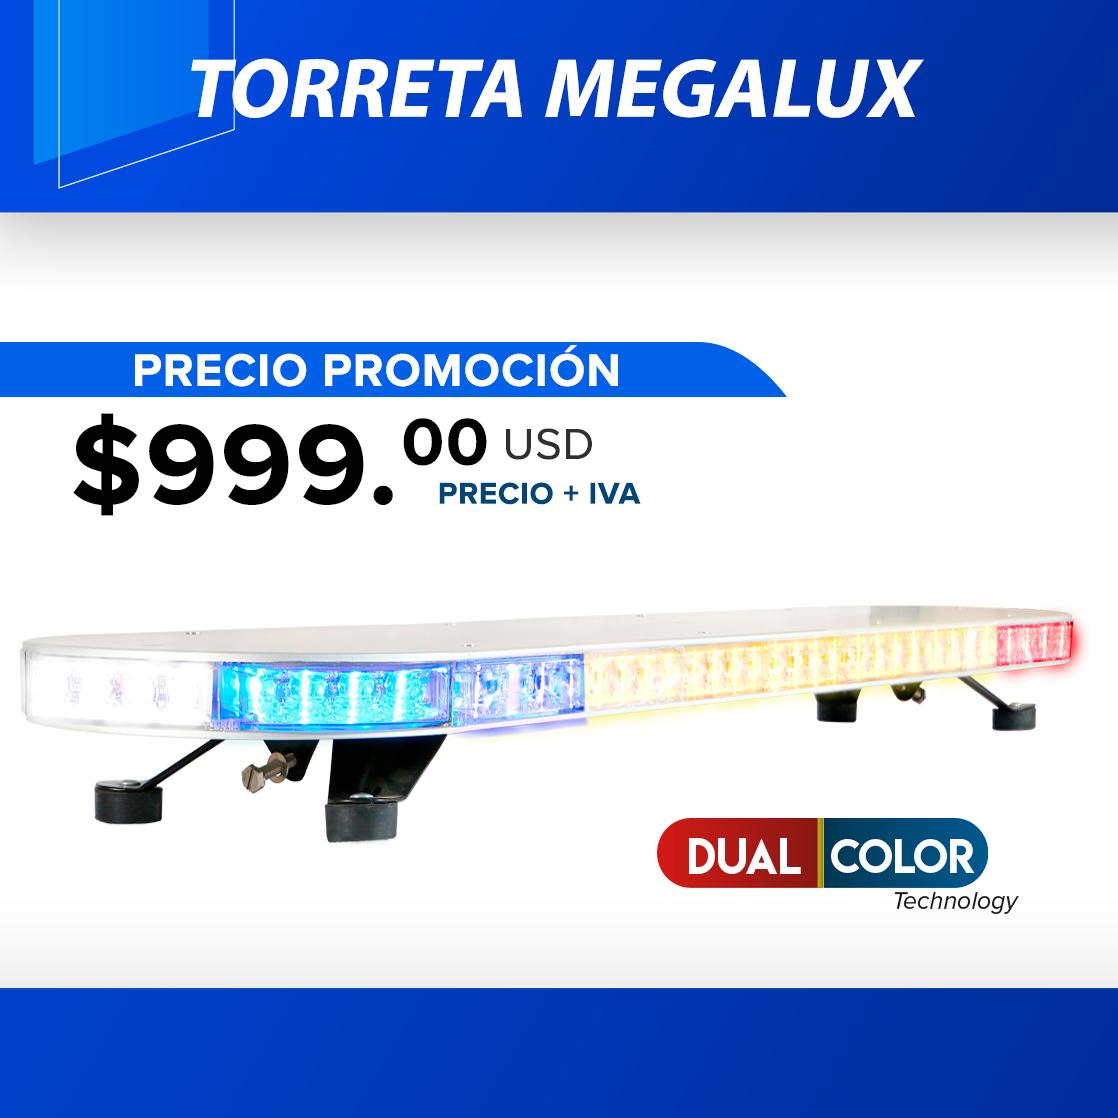 TORRETA MEGALUX